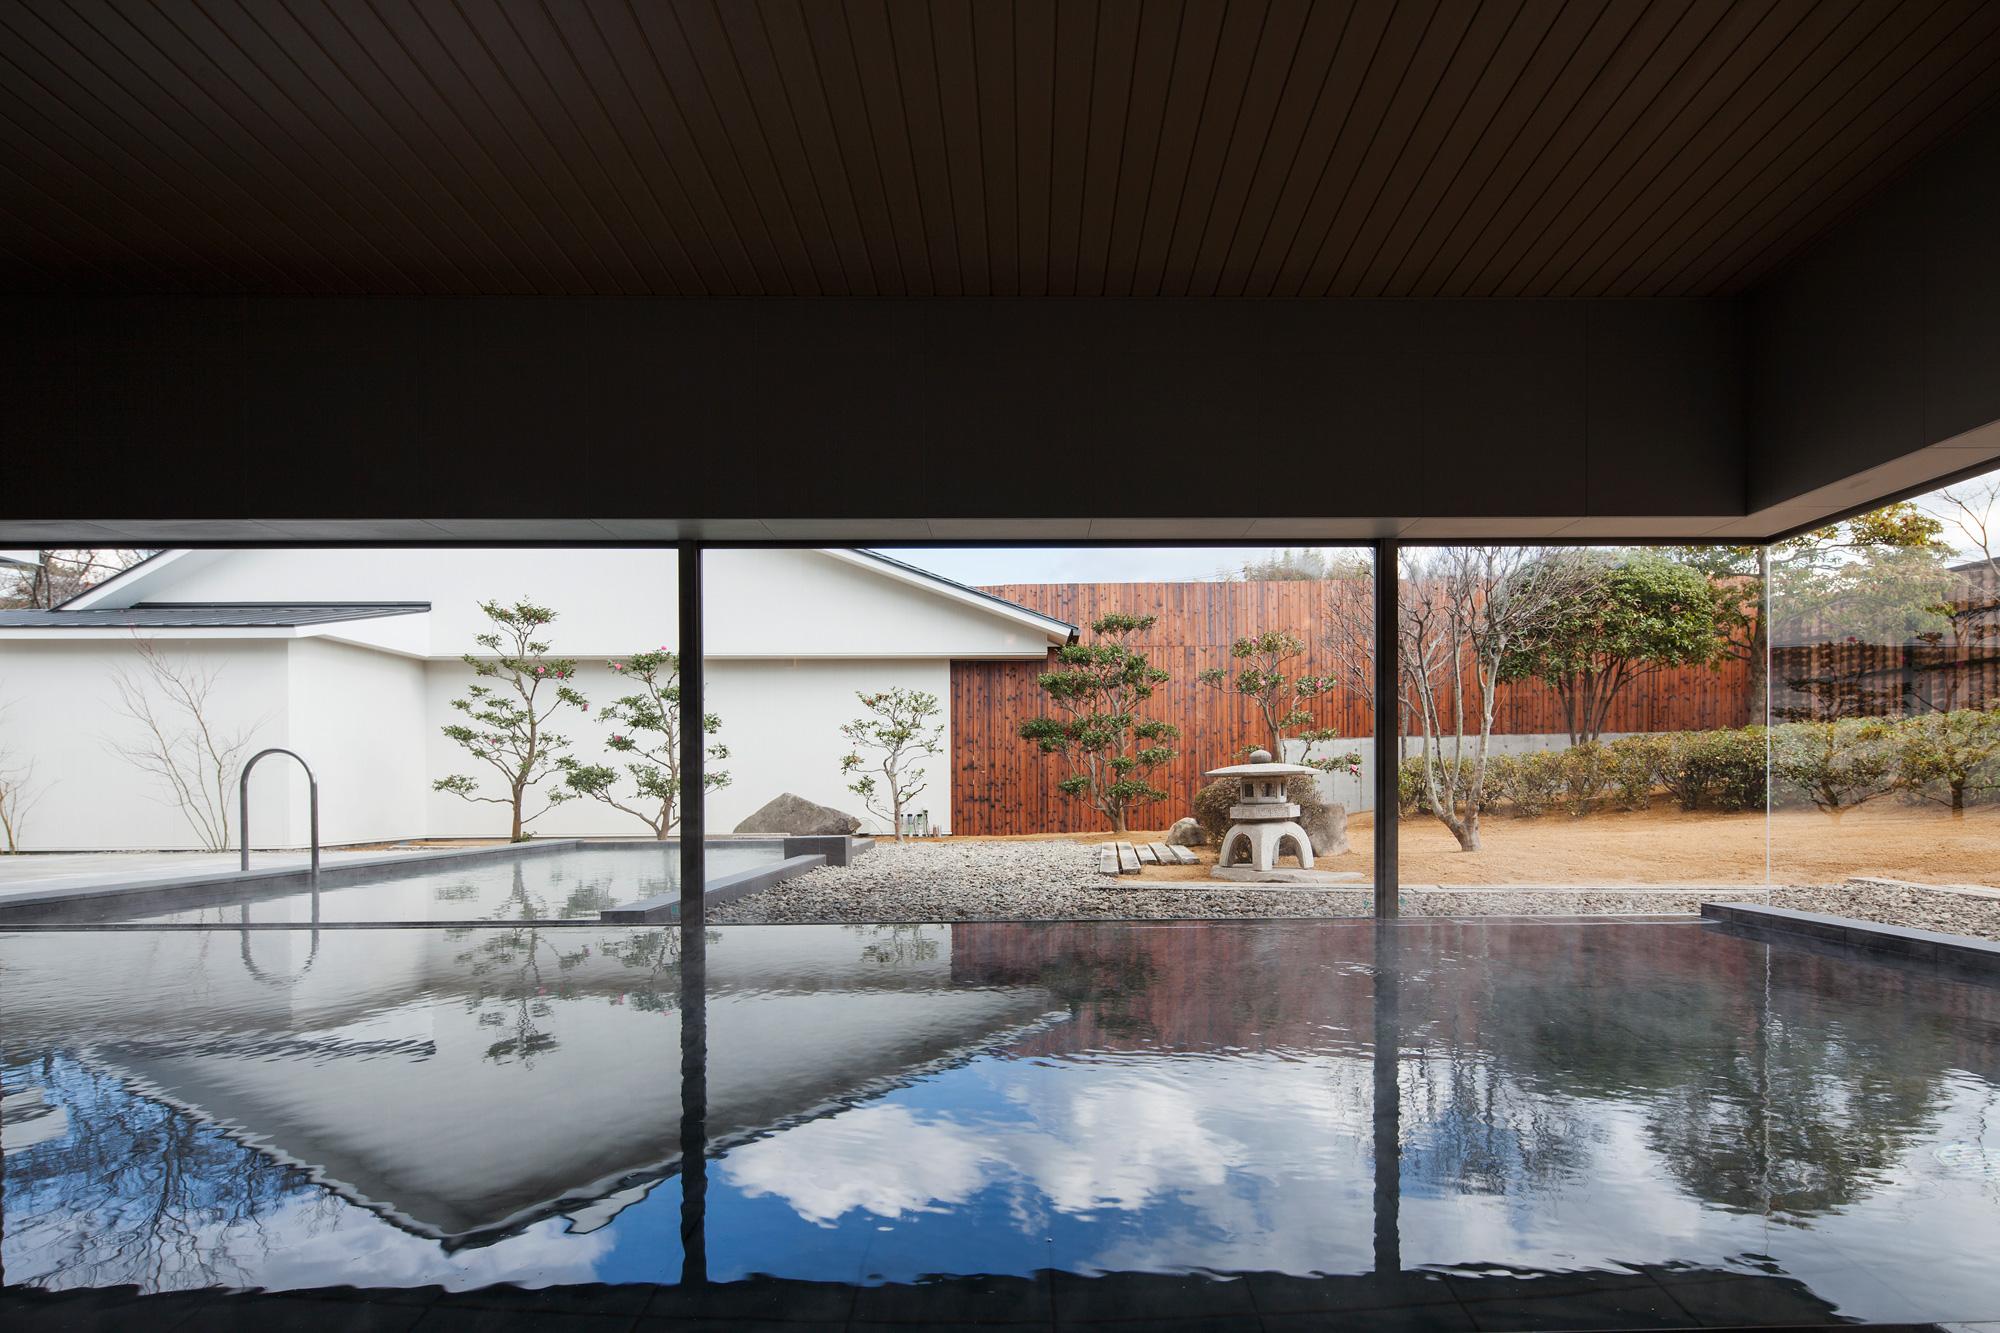 内部から庭を見る: 外部の景色が水面に映り込み、内と外の境界を曖昧にします